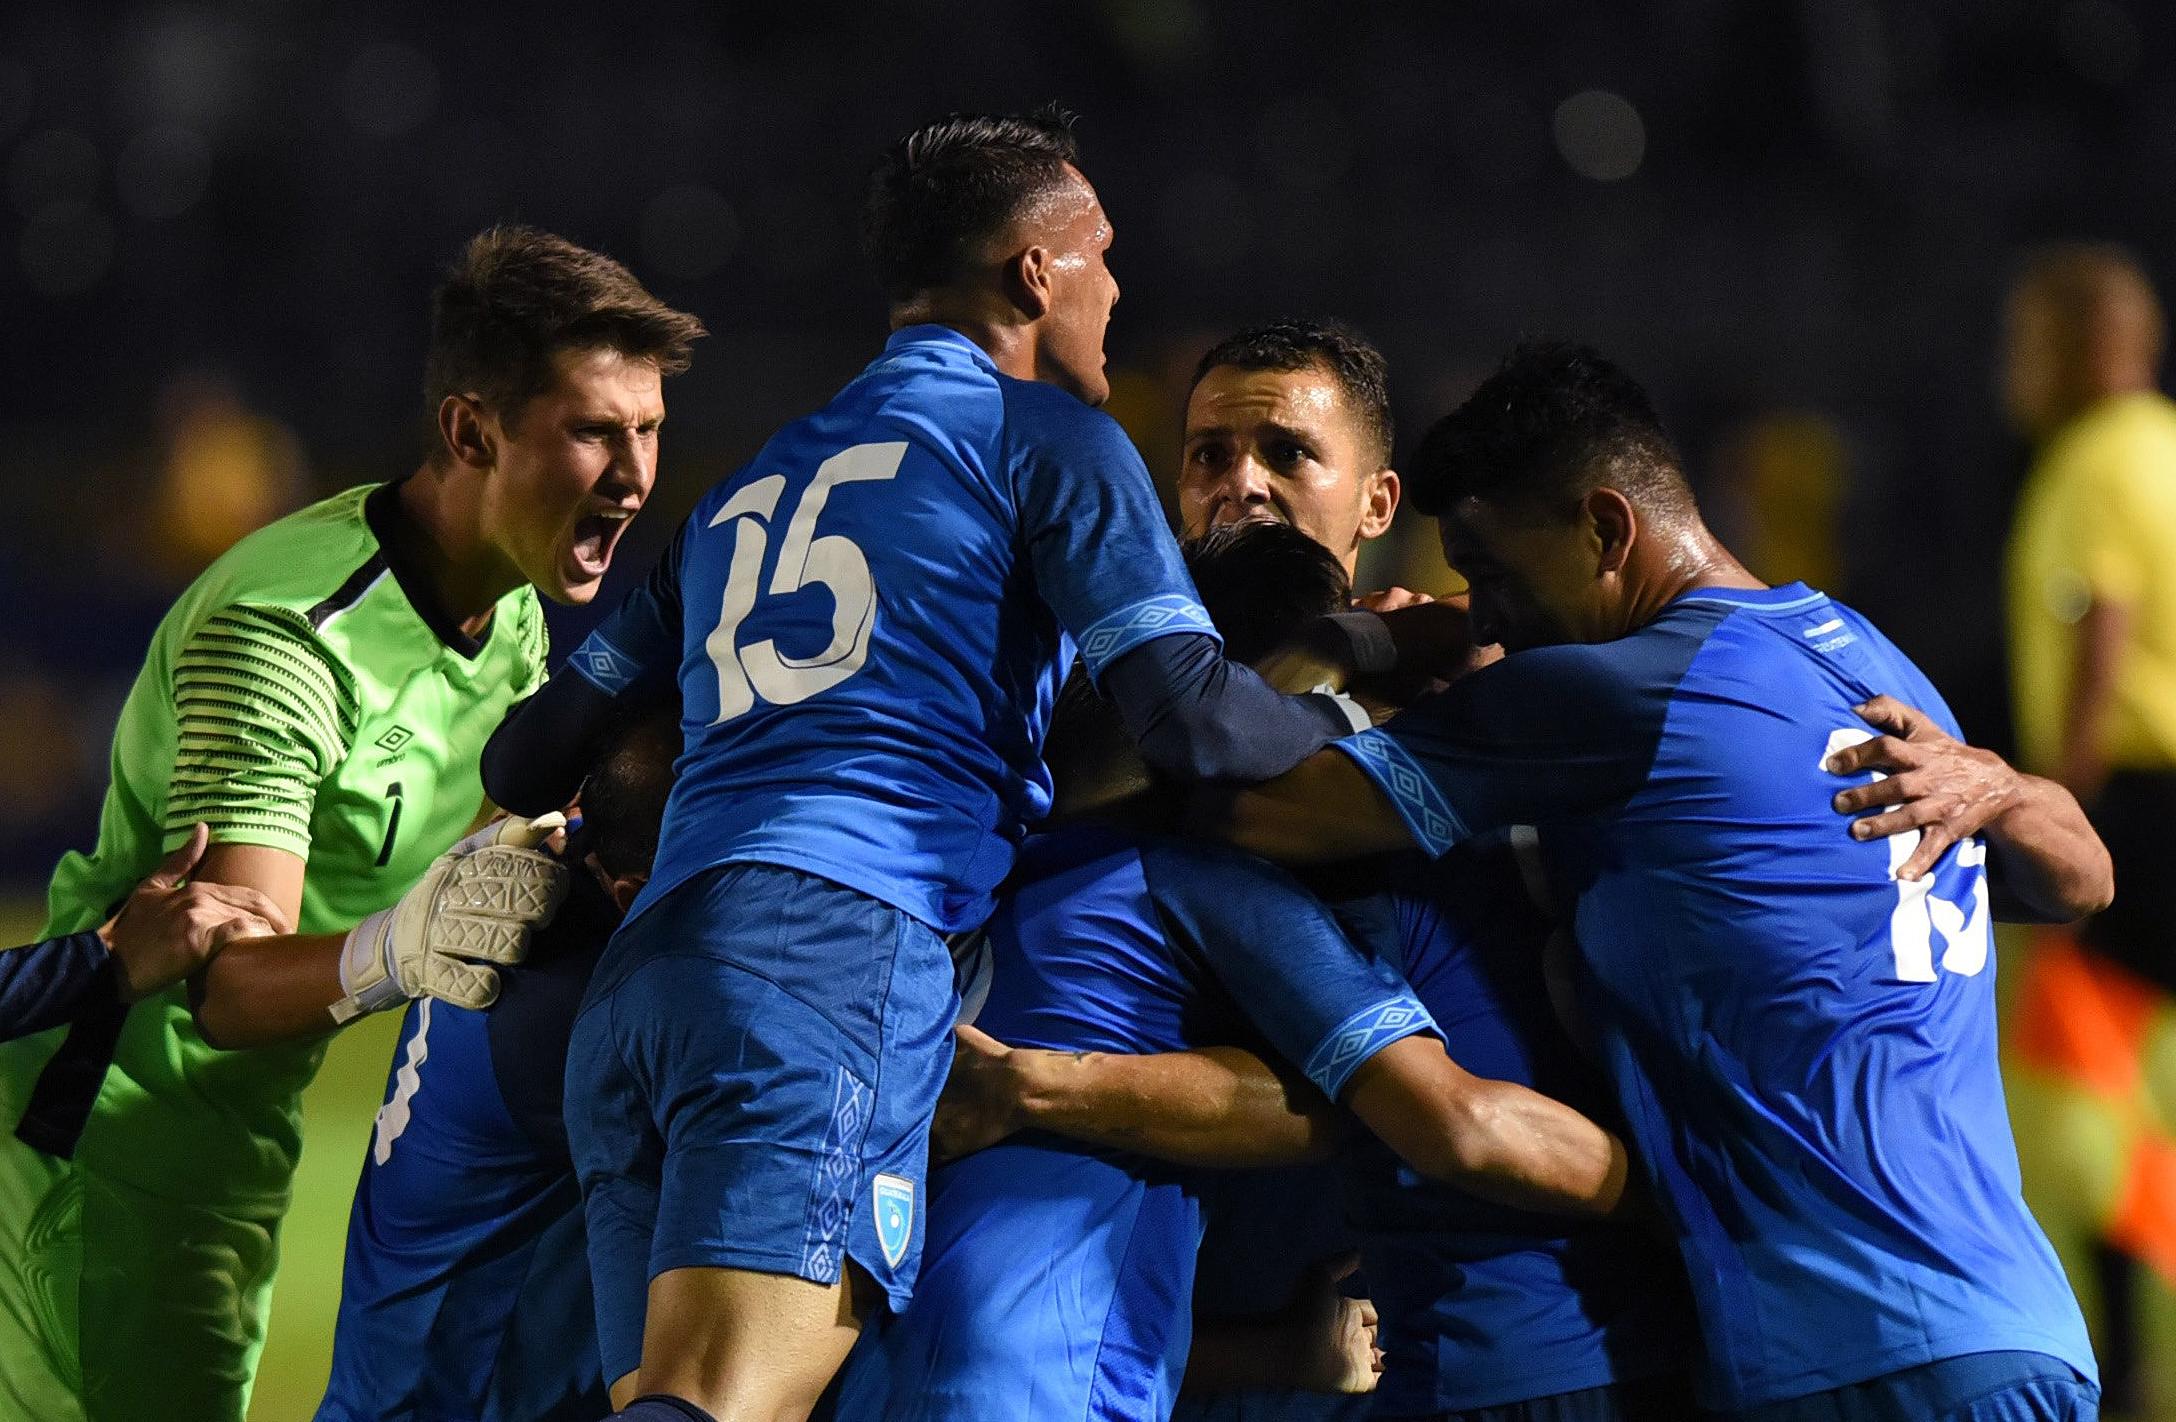 Los seleccionados celebraron al finalizar el partido la victoria en el amistoso contra Costa Rica. (Foto Prensa Libre: AFP)